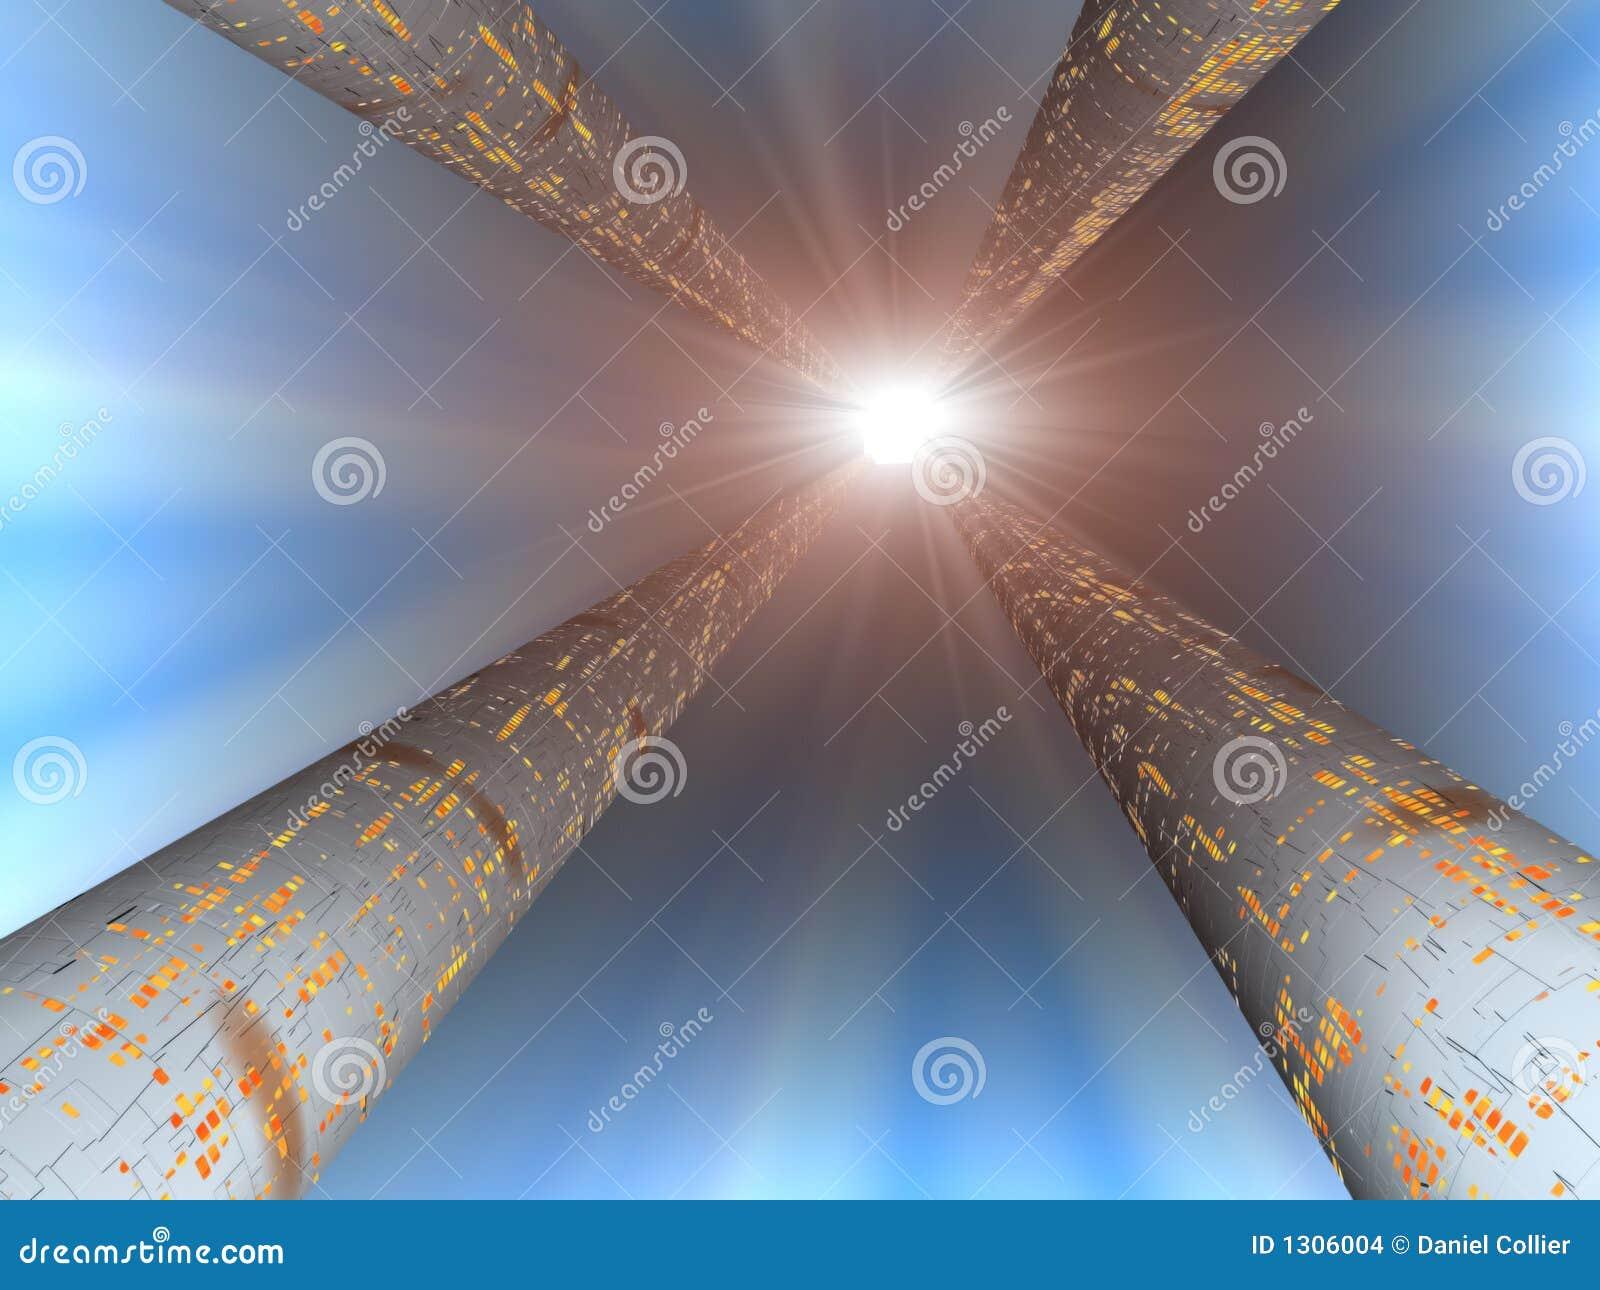 Koniec tunelu światła